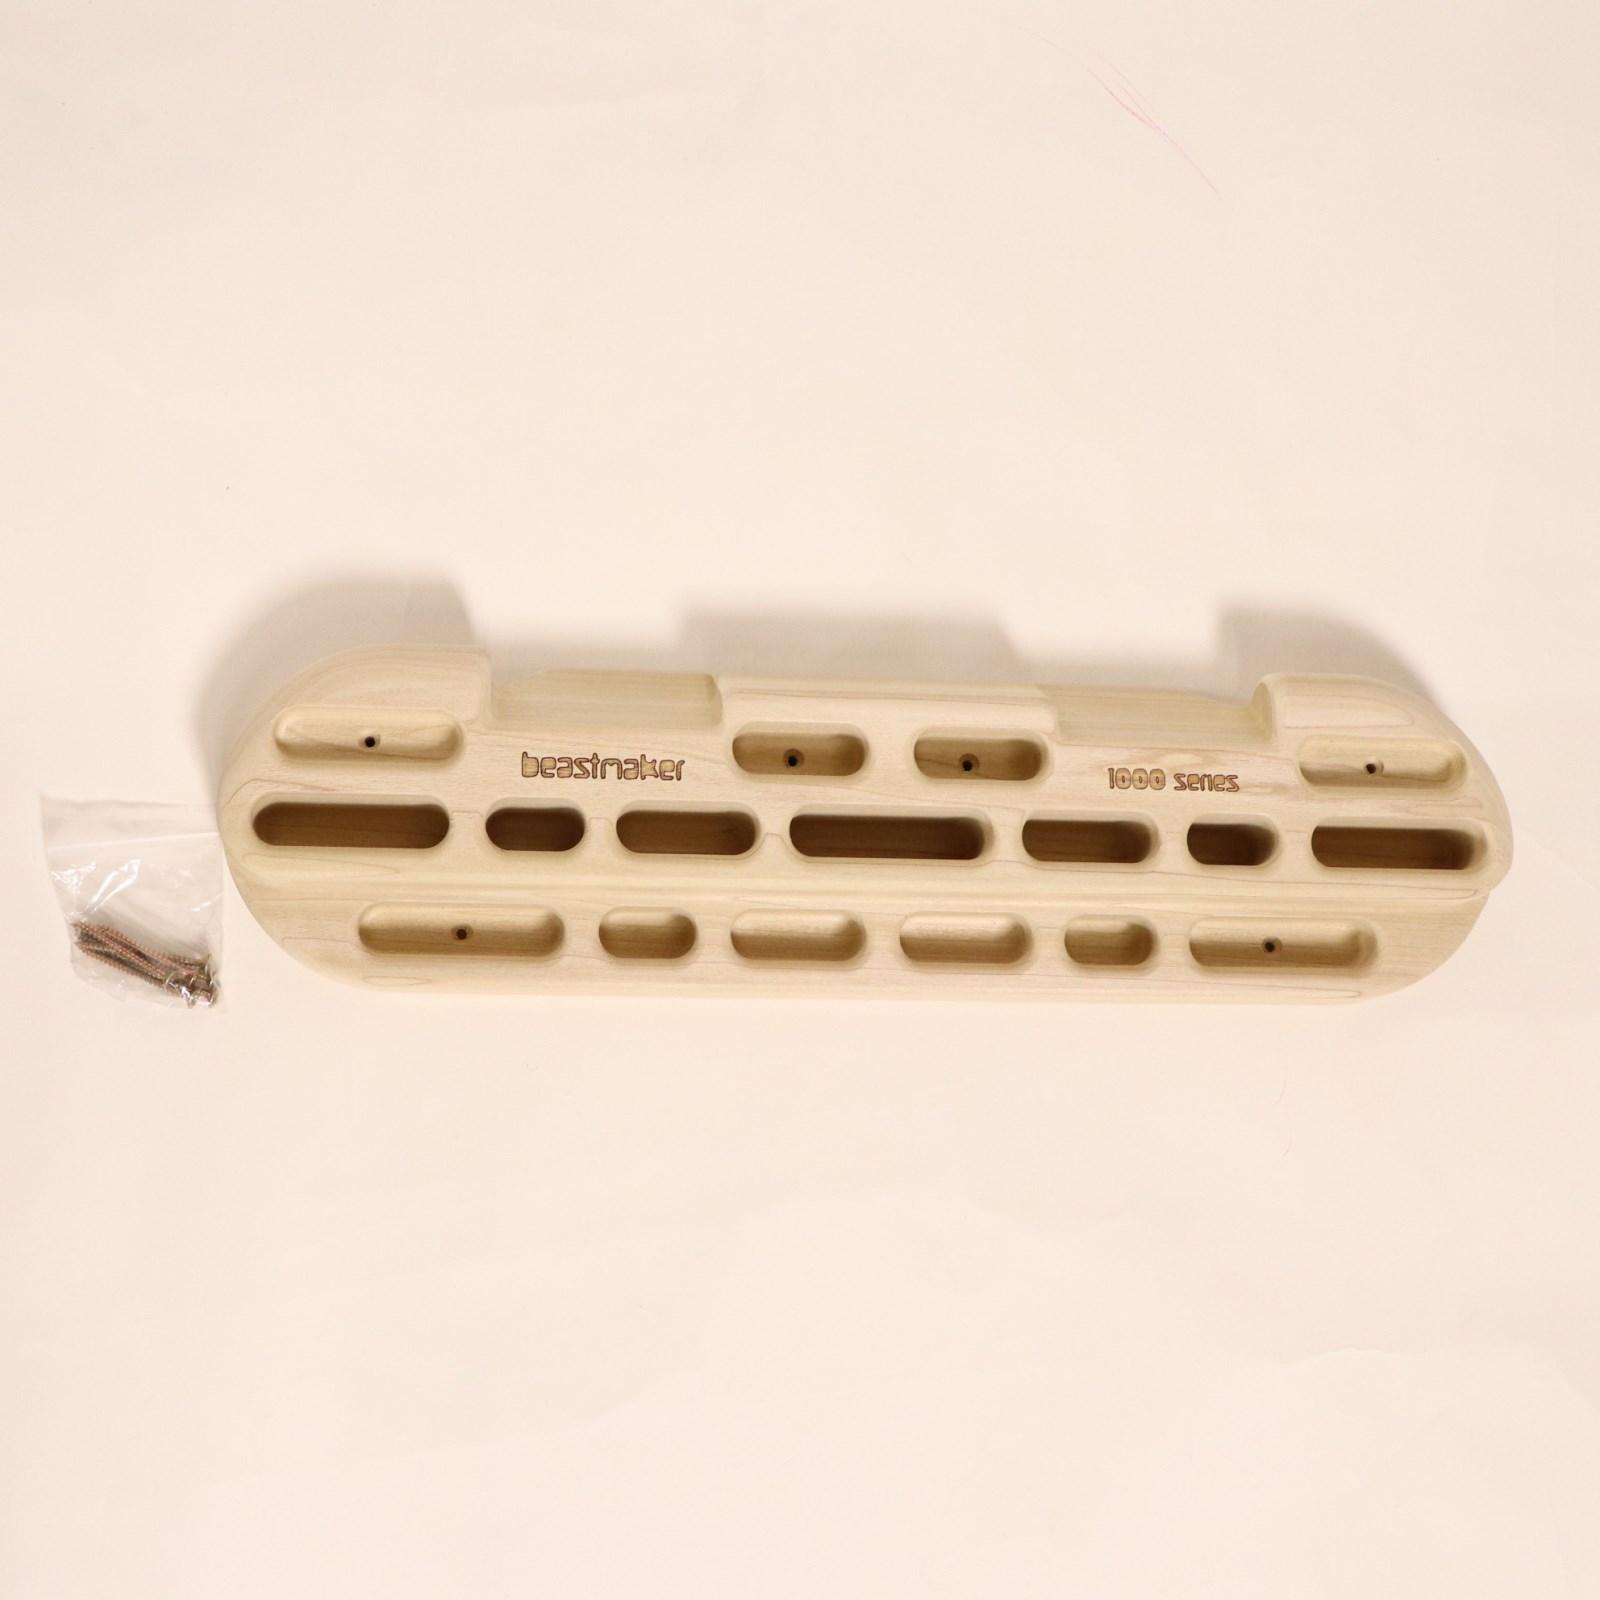 【再入荷】ビーストメーカー Beastmaker 1000 Series Fingerboard